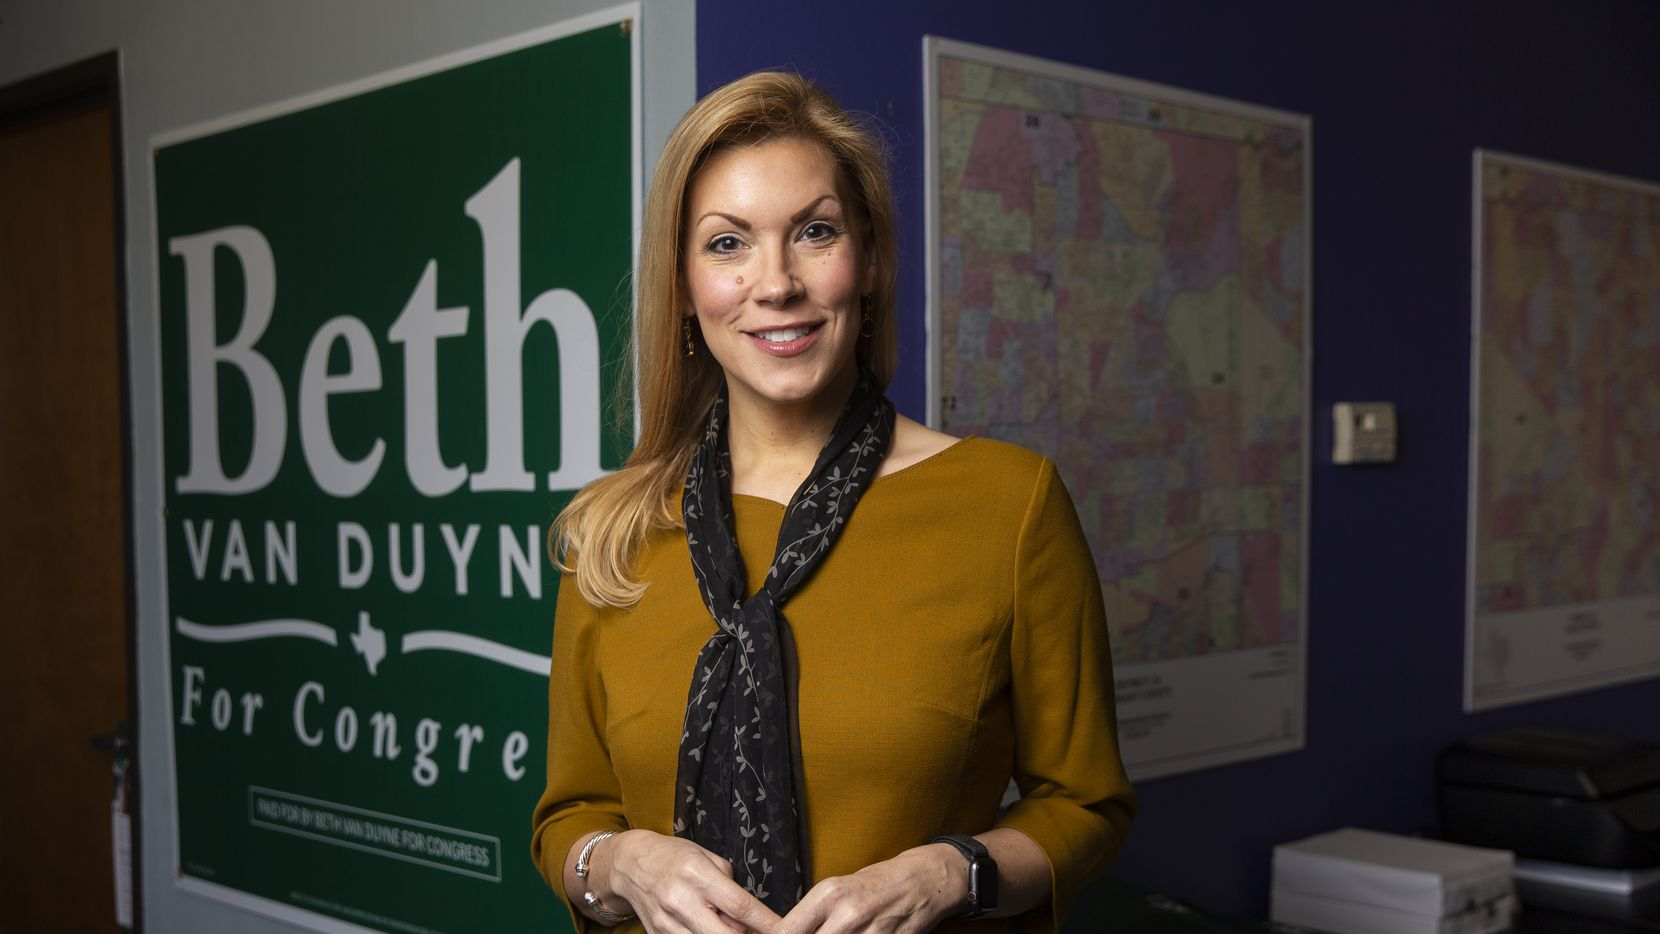 Beth Van Duyne, fue alcaldesa de la ciudad de Irving y en la actualidad es la representante del distrito 24 del Congreso de Texas de la Cámara de Representantes de los Estados Unidos